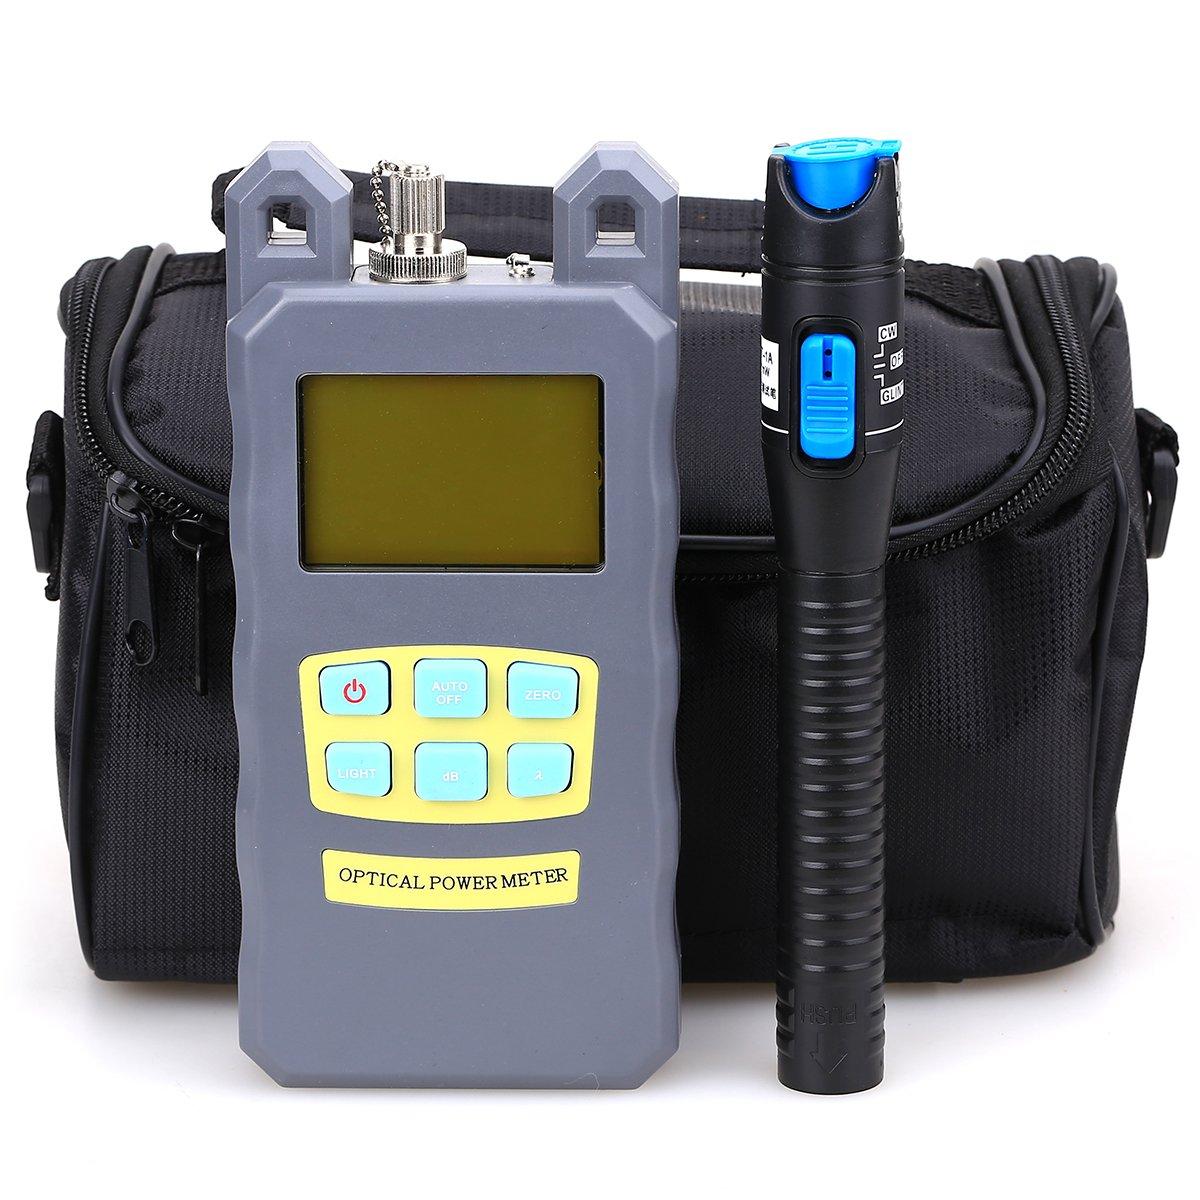 Medidor de potencia para fibra ó ptica FTTH con bolsa de herramientas (3 en 1) KLS